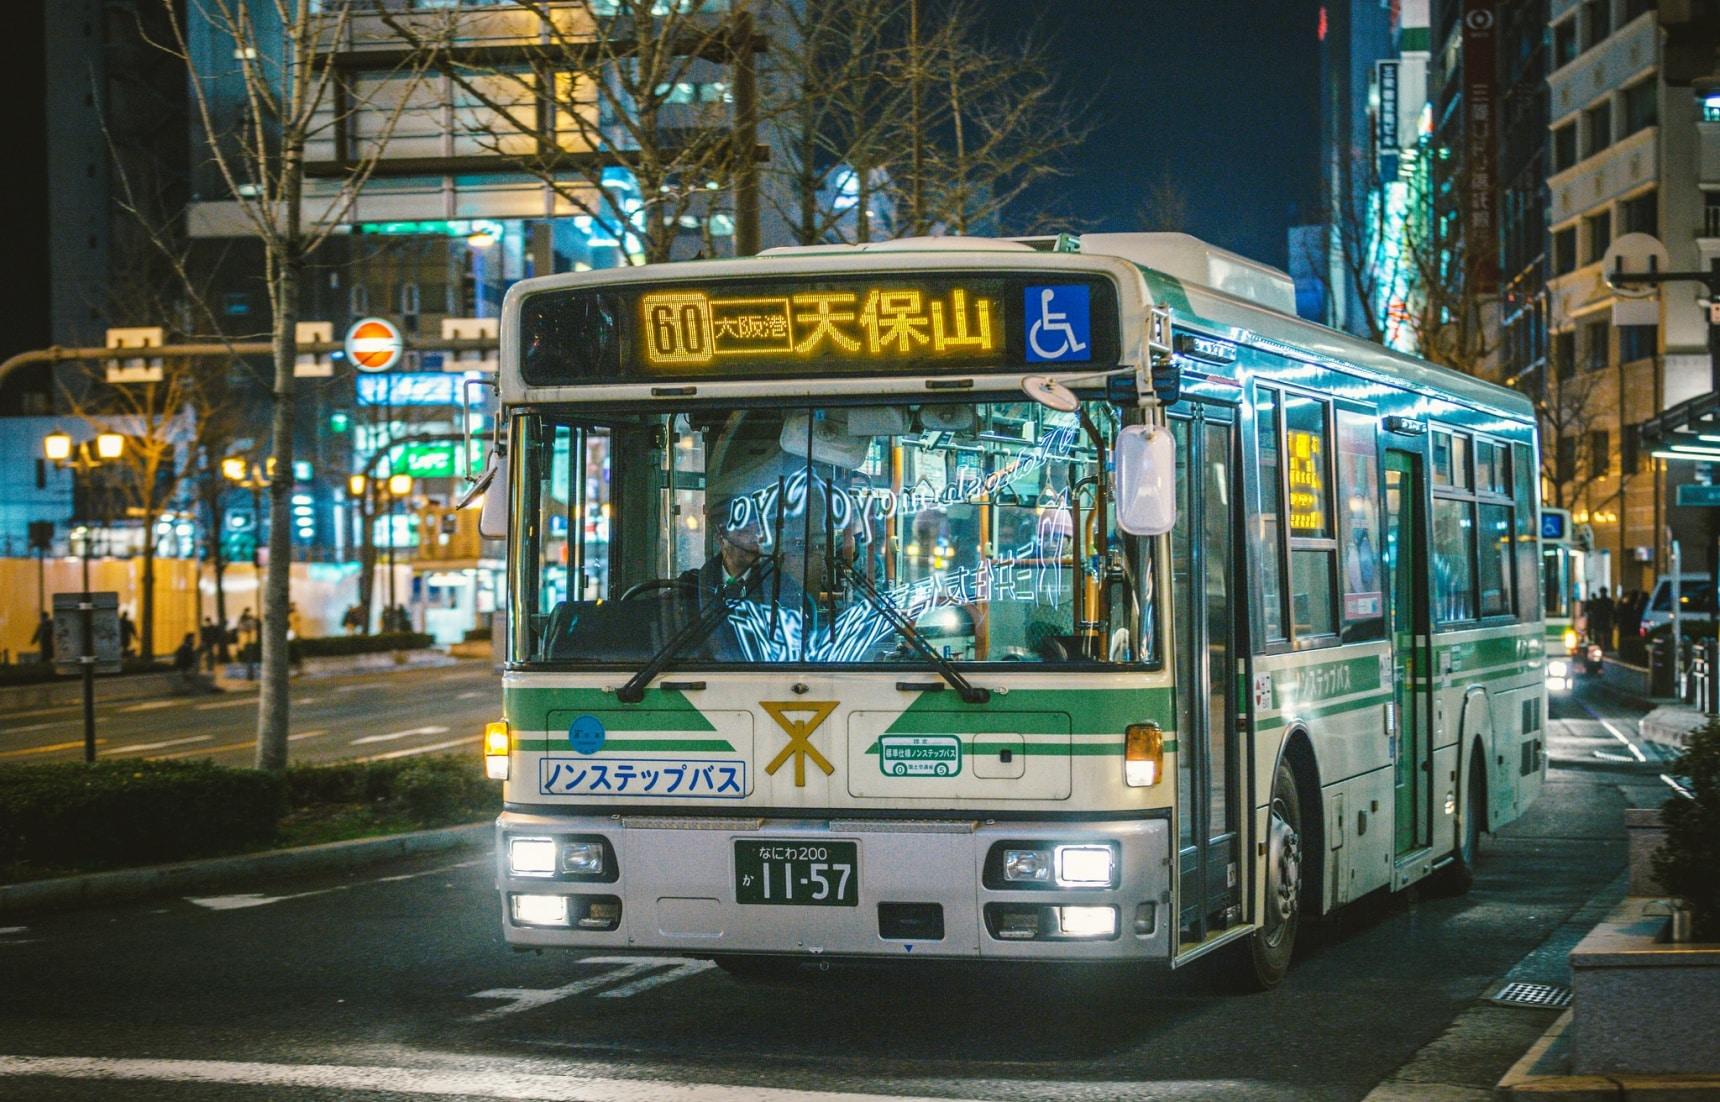 รถบัสใน 5 เมืองใหญ่ที่ใช้ JR Pass ขึ้นได้ฟรีๆ